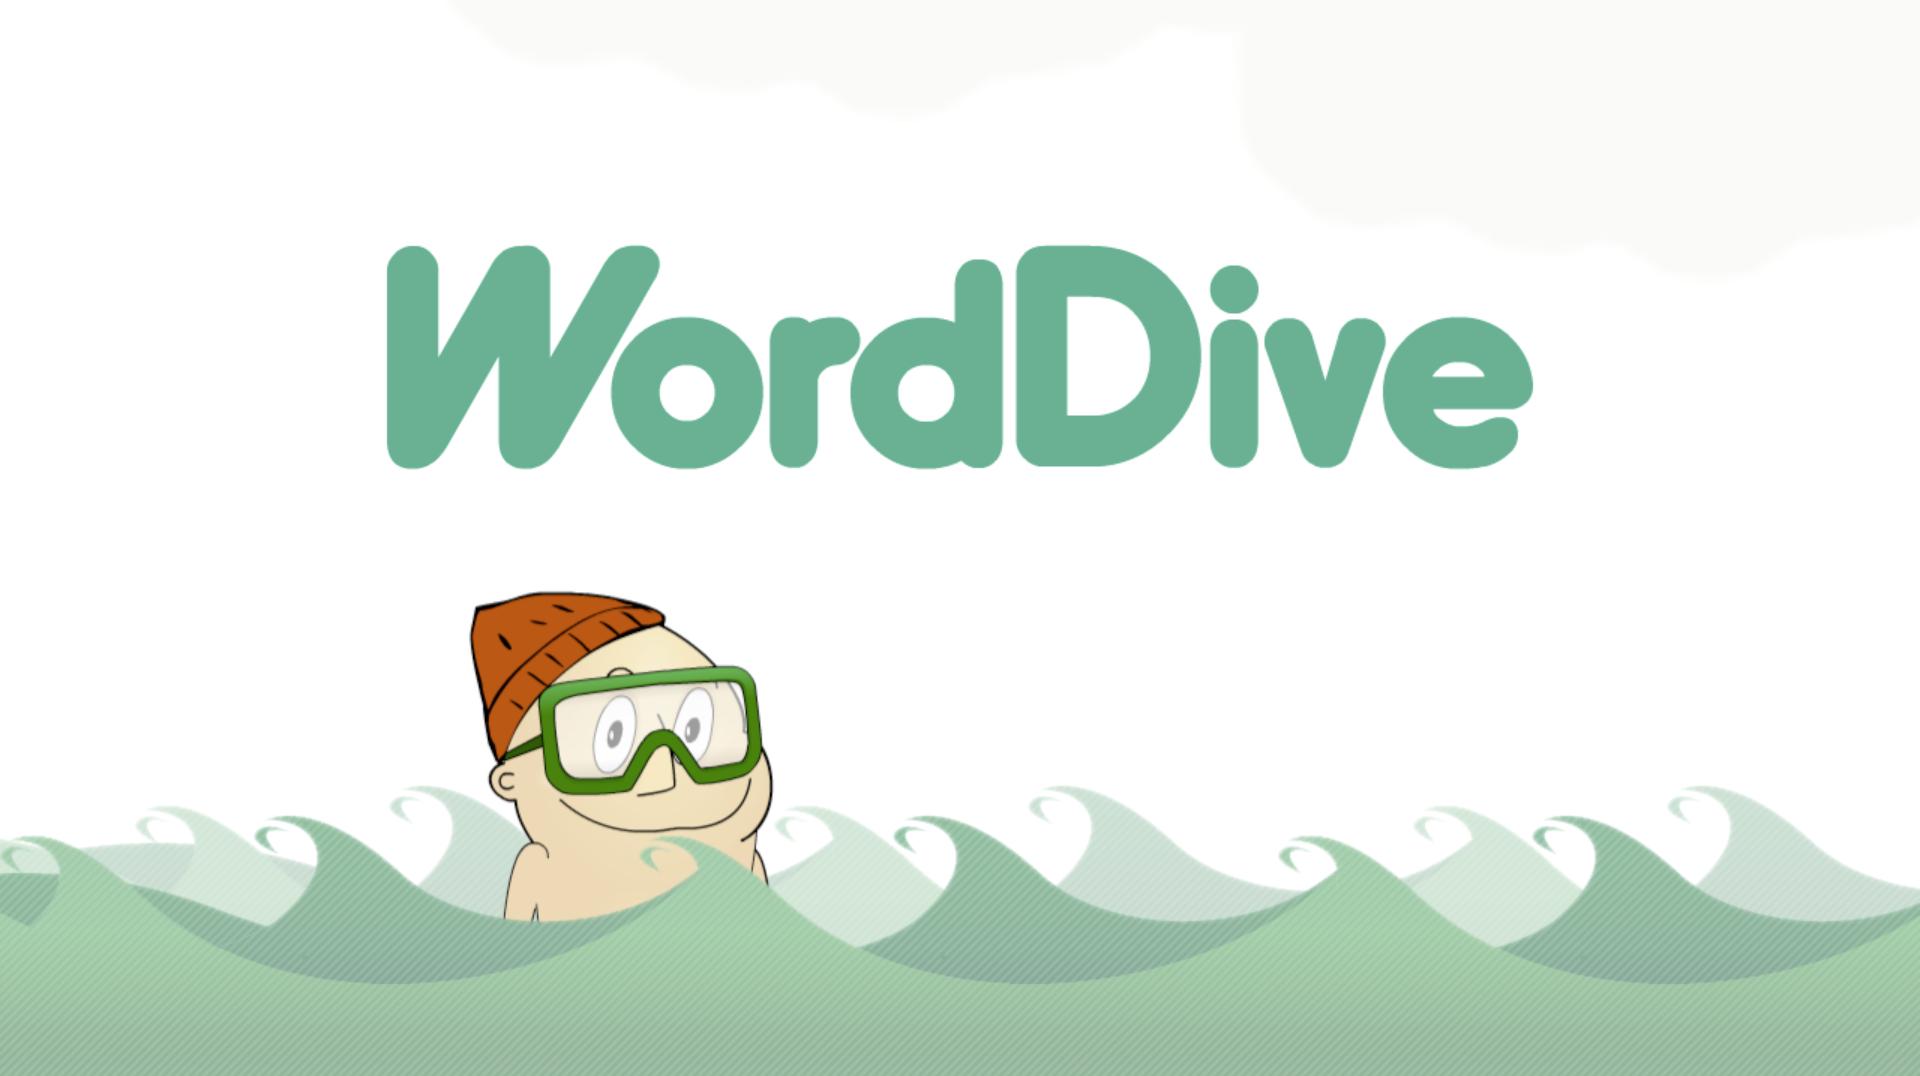 worddive-1